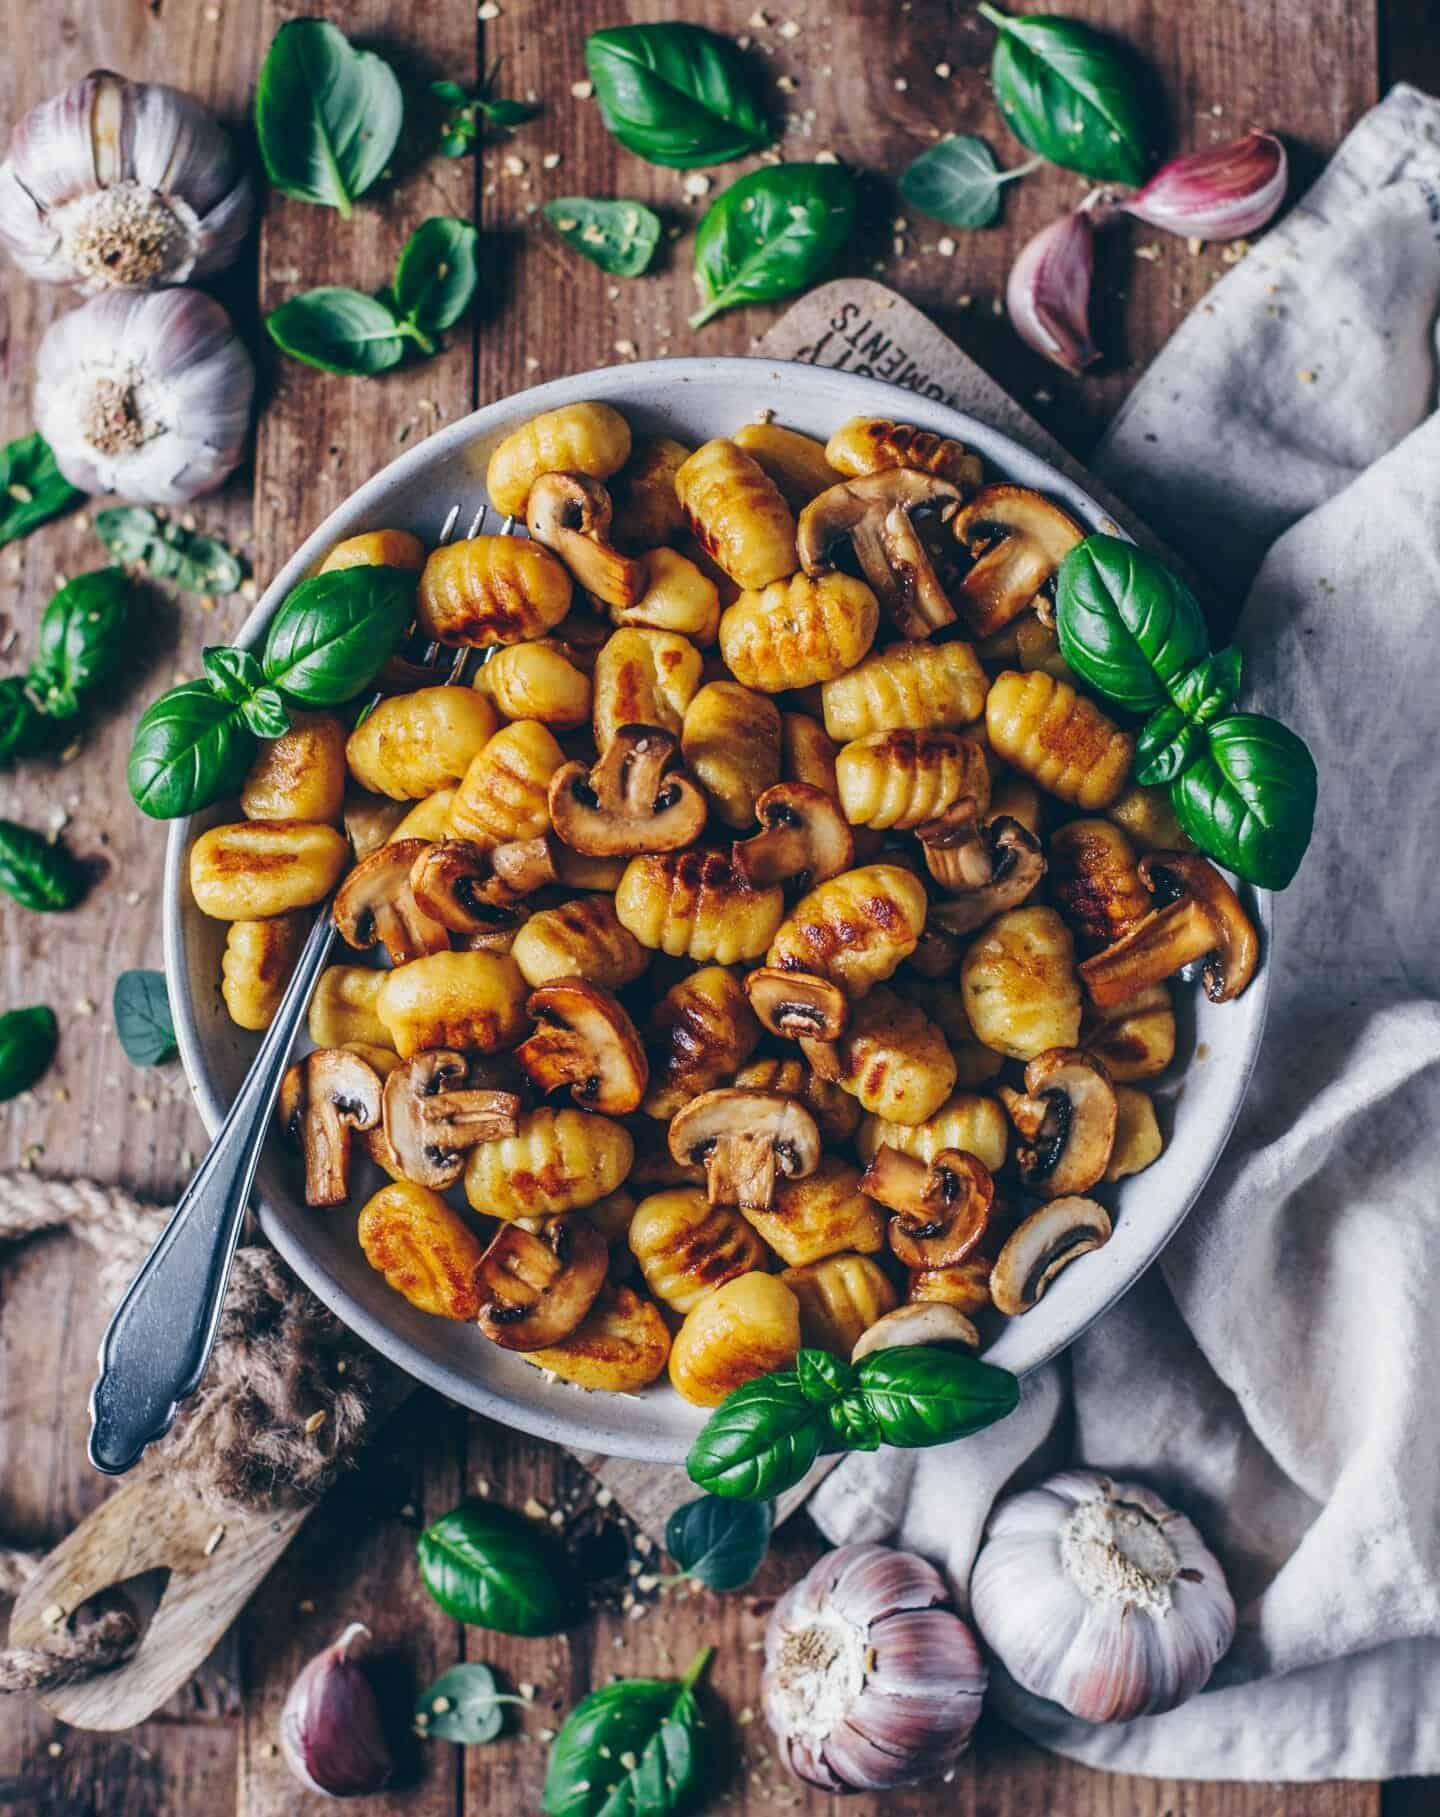 Knusprig gebratene Gnocchi mit Knoblauch-Pilzen (vegan)